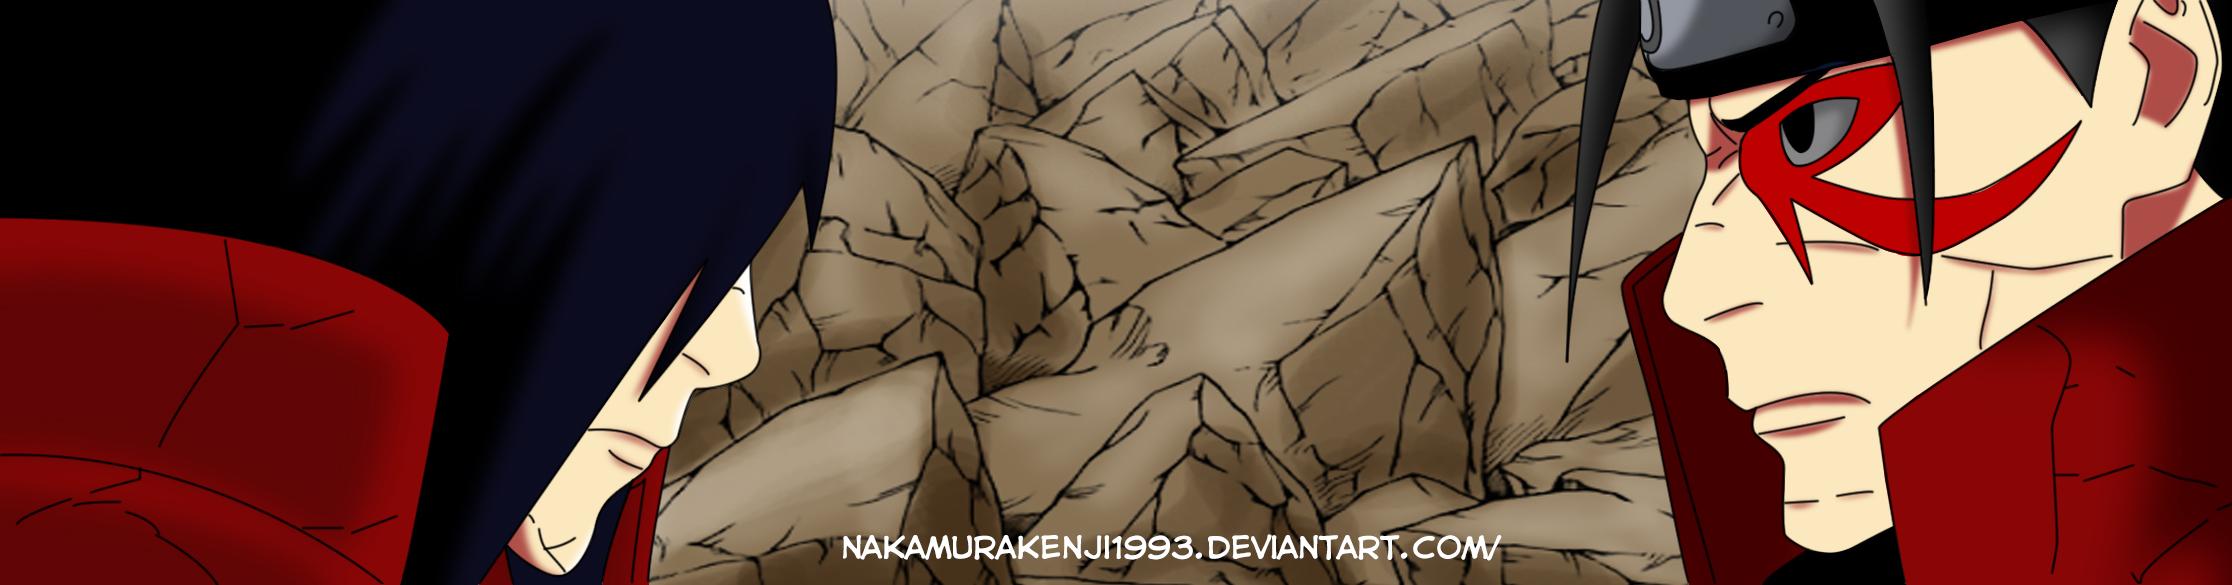 madara VS hashirama by nakamurakenji1993 on deviantART